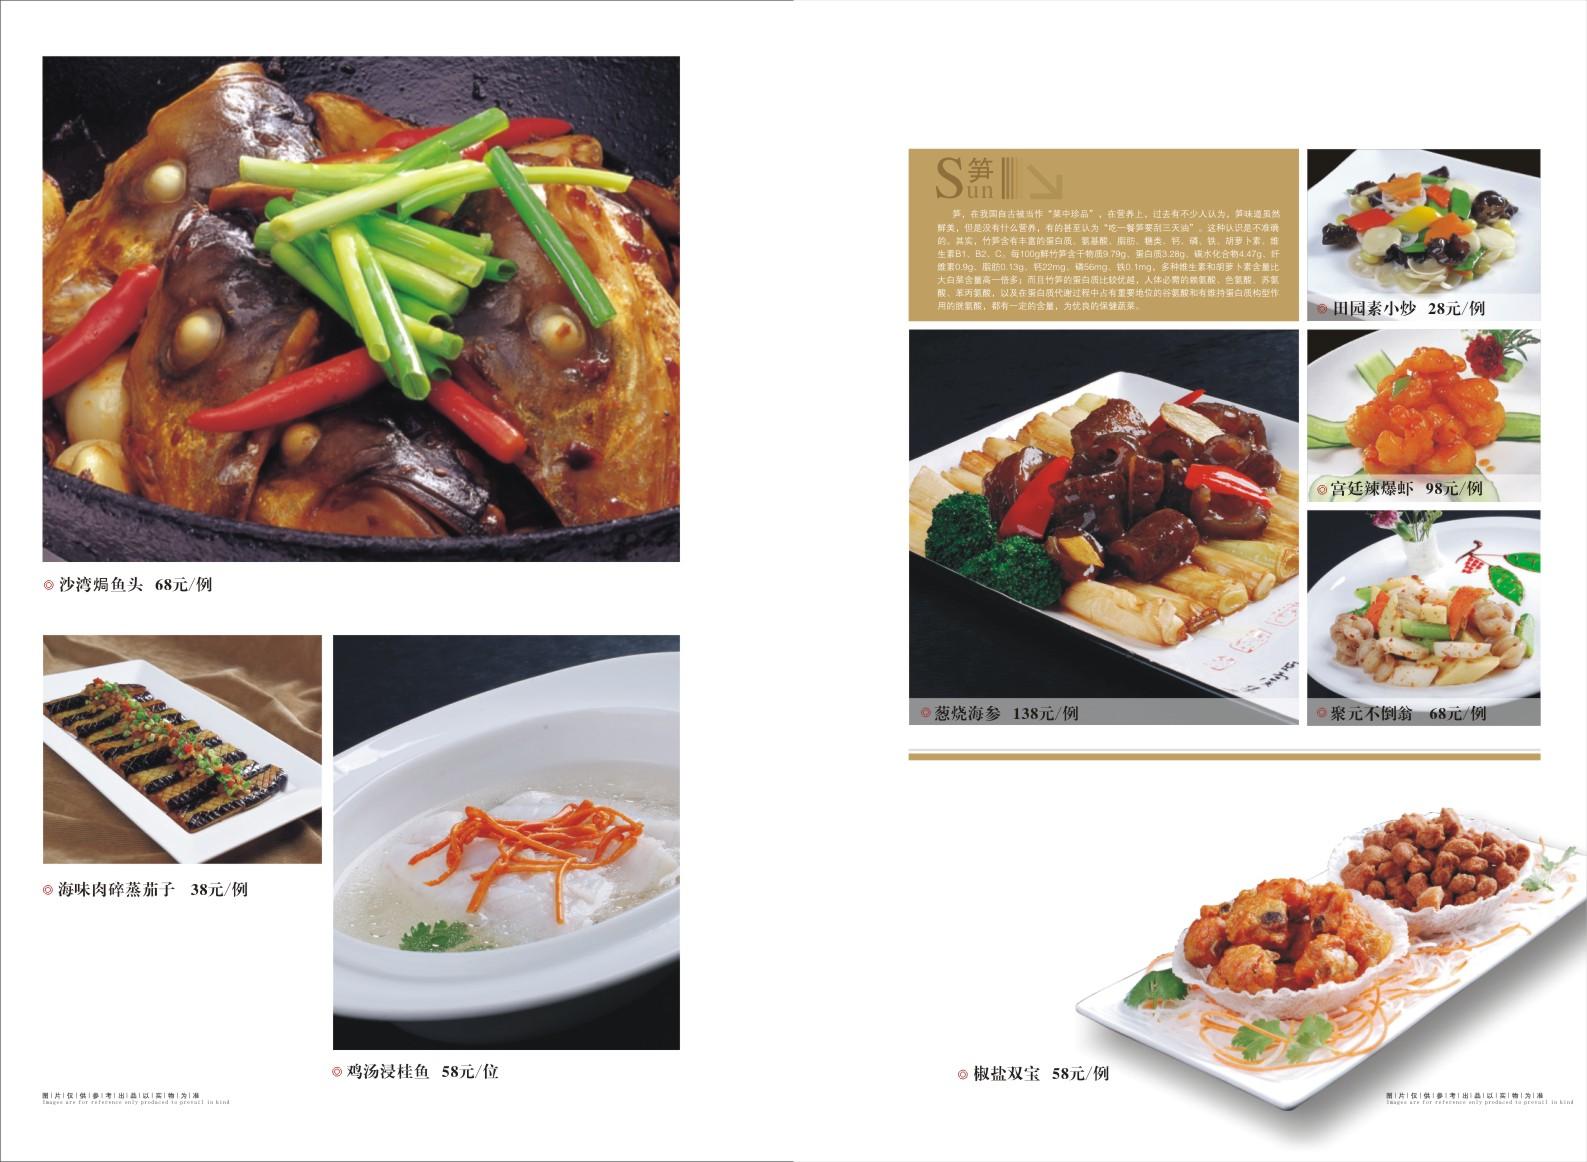 北京菜谱印刷/菜谱菜单制作/北京菜谱设计/北京菜谱